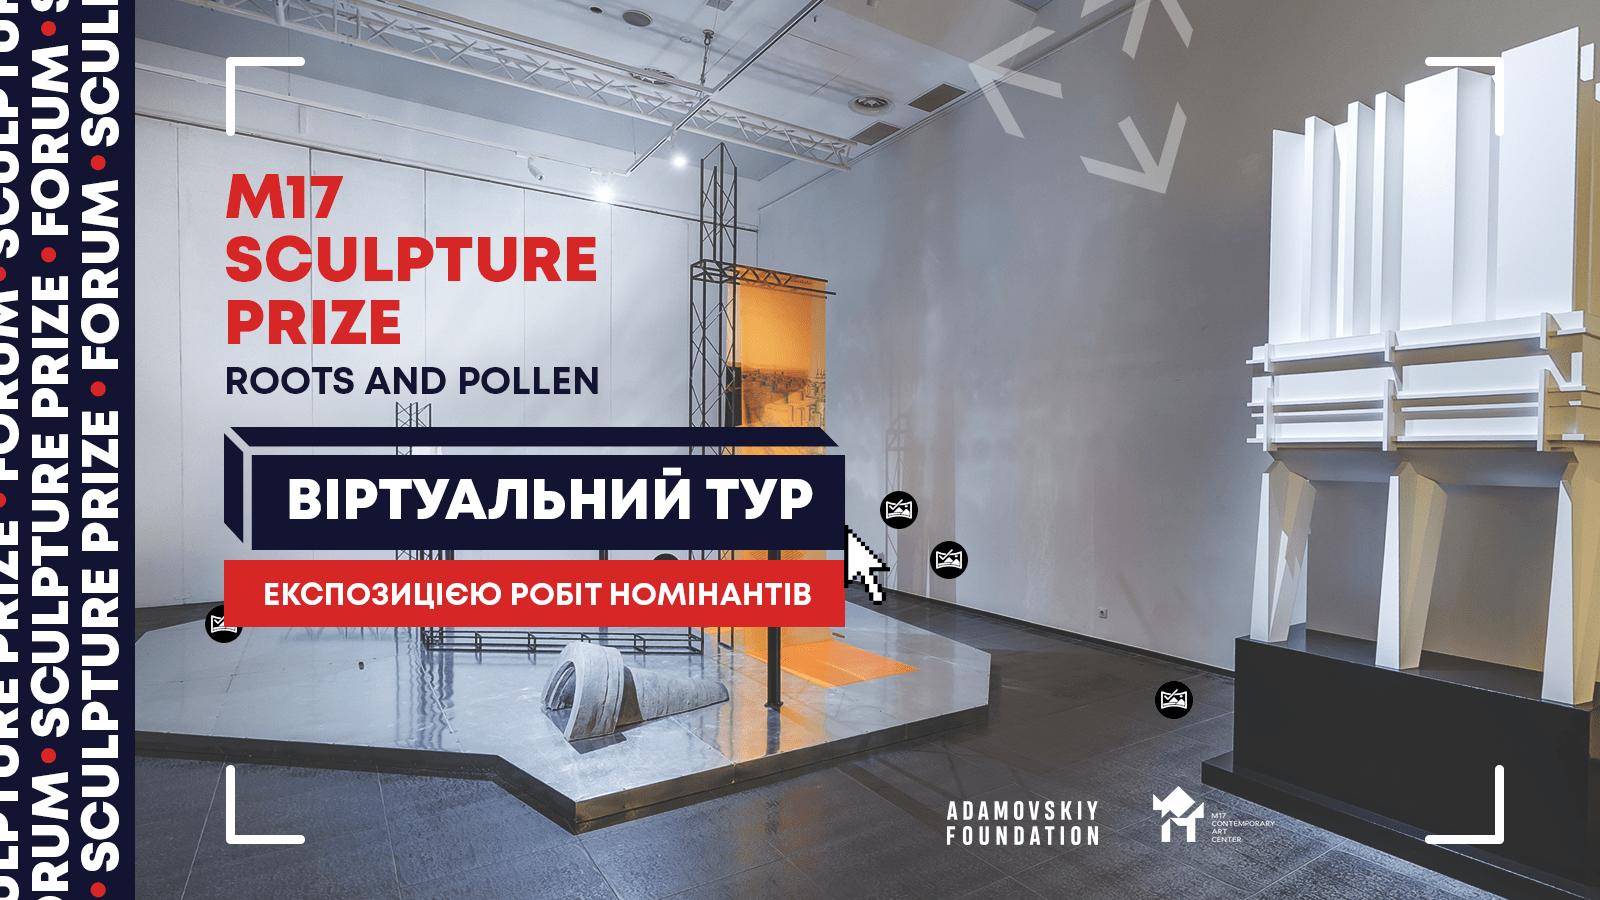 (Українська) Відкрито віртуальну експозицію проєкту М17 Sculpture Prize 2020